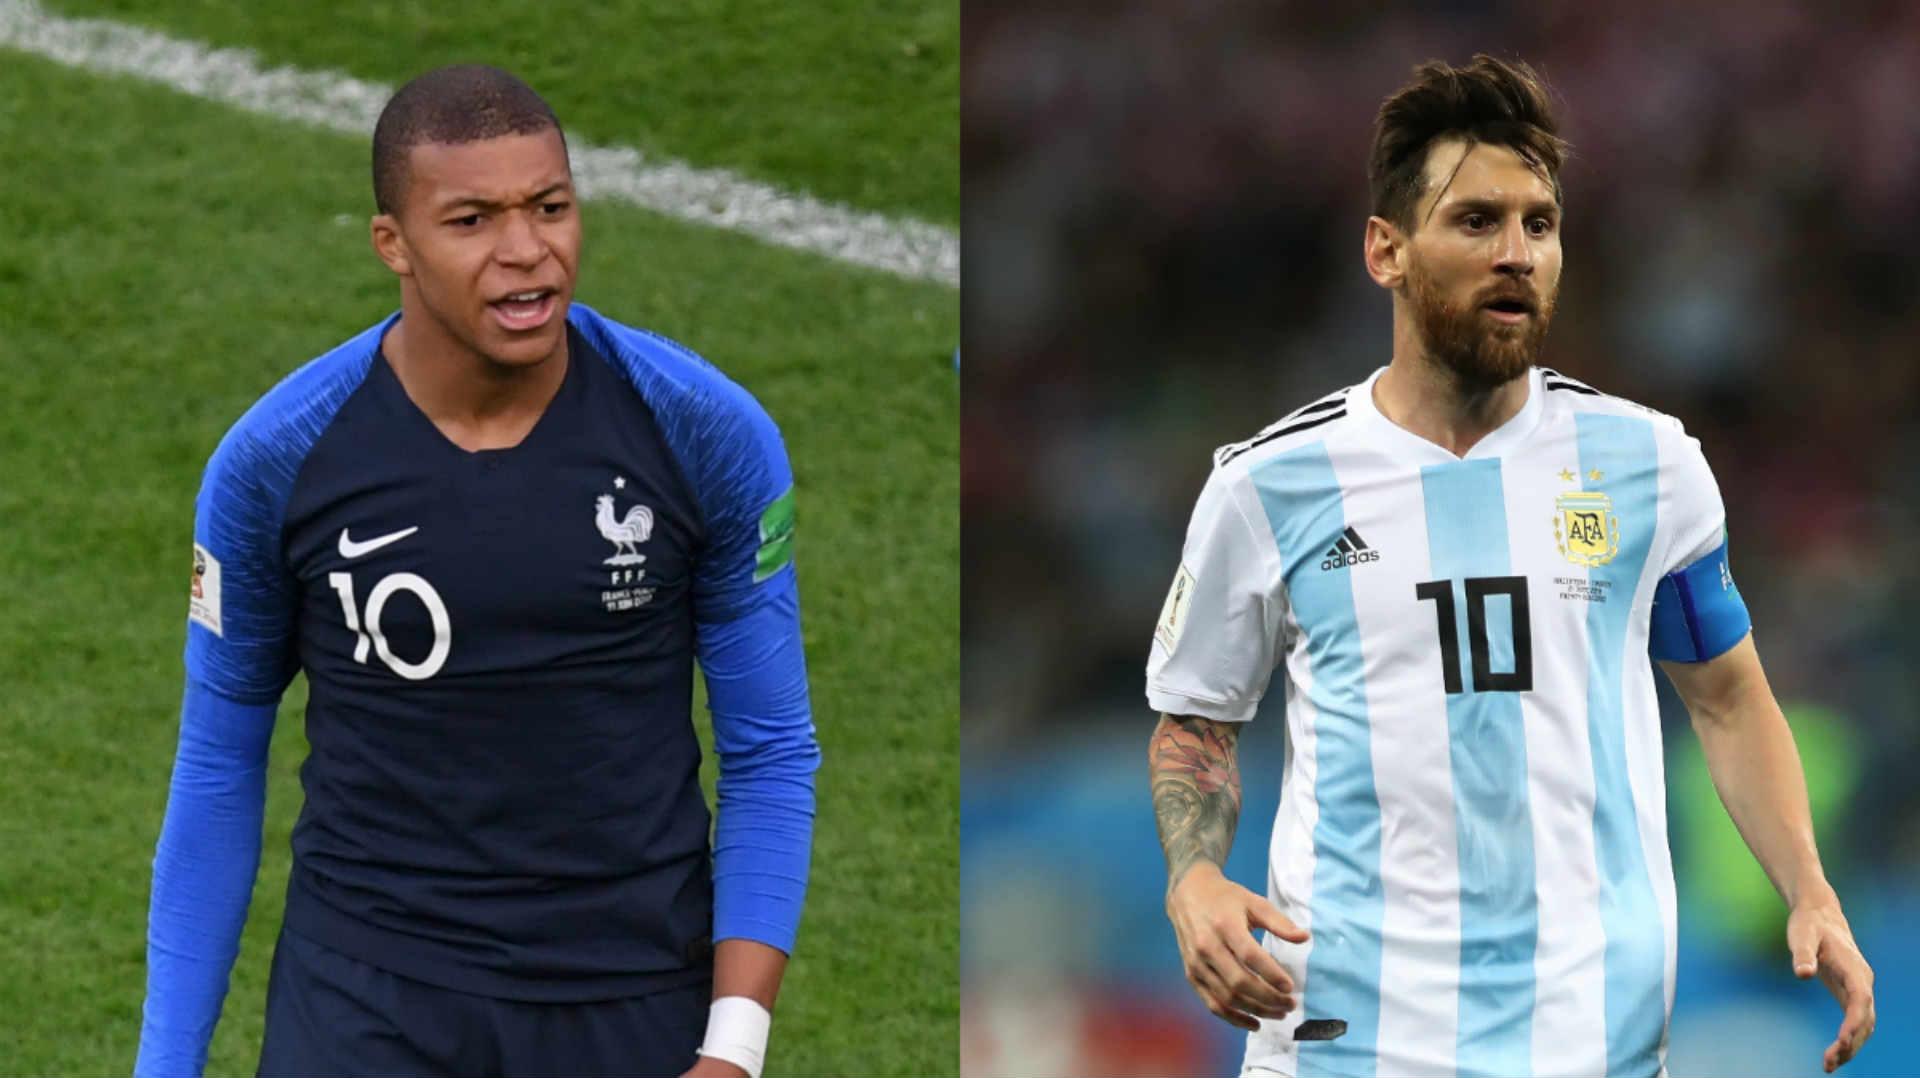 نتيجة وملخص مباراة فرنسا والأرجنتين اليوم